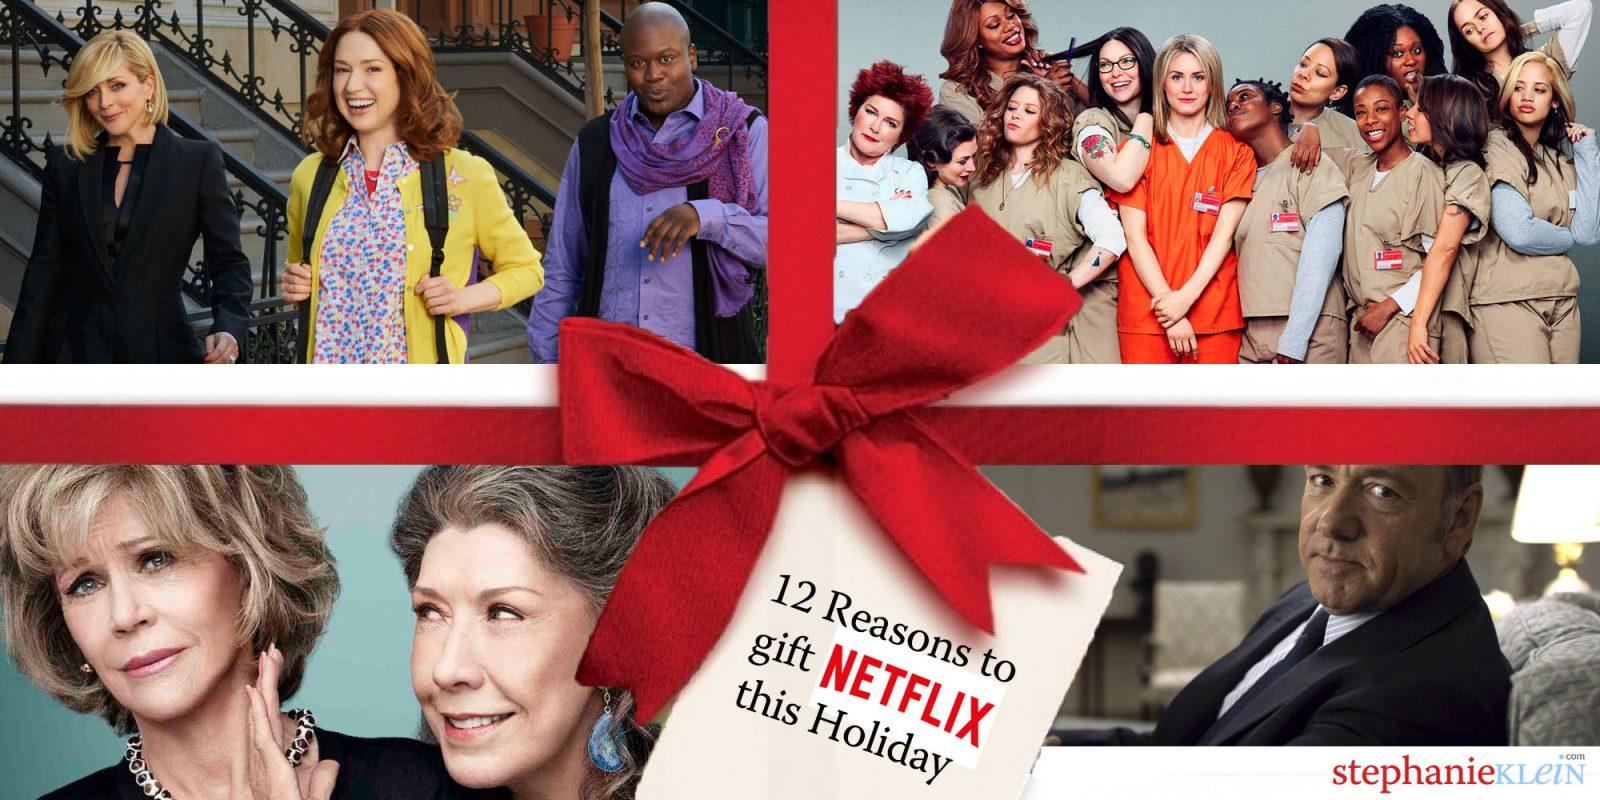 Netflixmas - Stephanie Klein Greek Tragedy